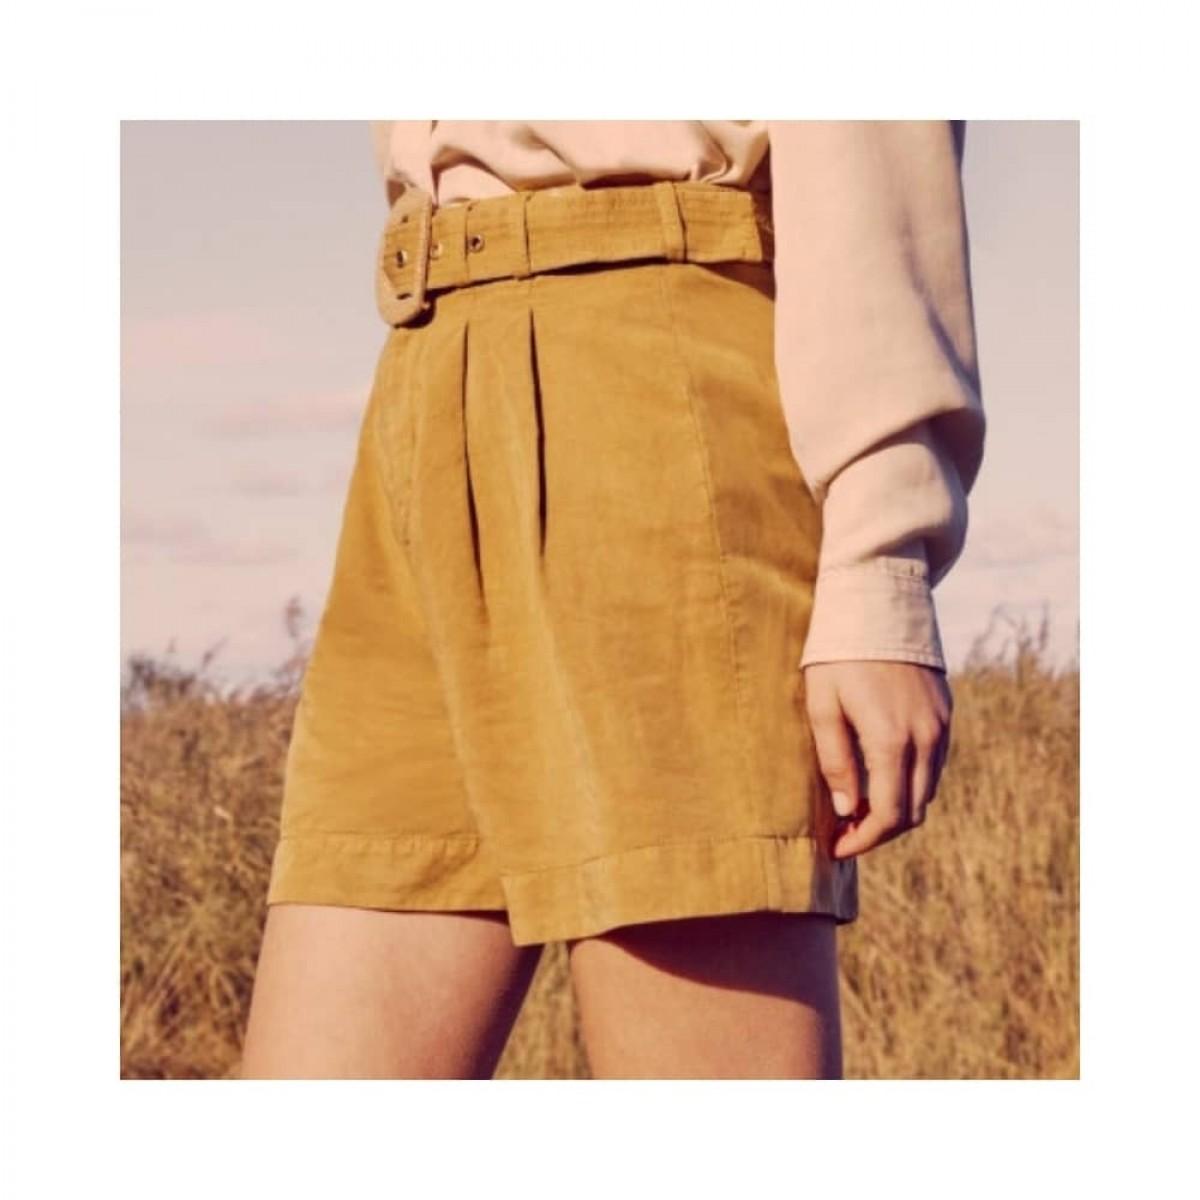 saby shorts - bronze mist - fra siden